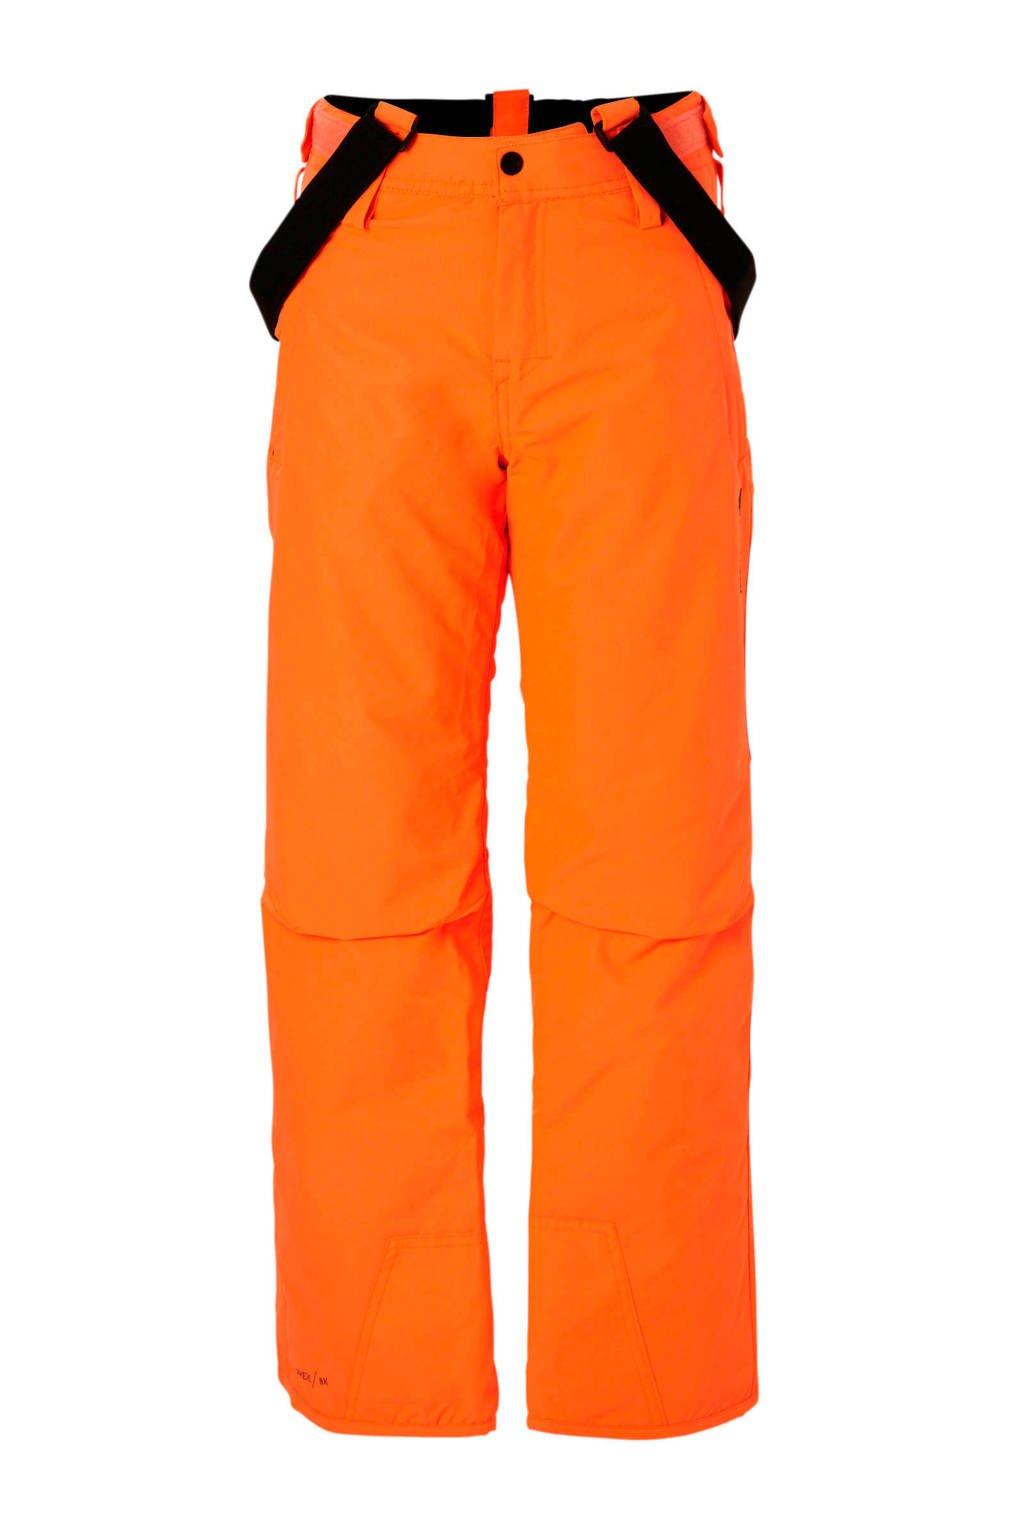 Brunotti skibroek Footstrap oranje, Oranje